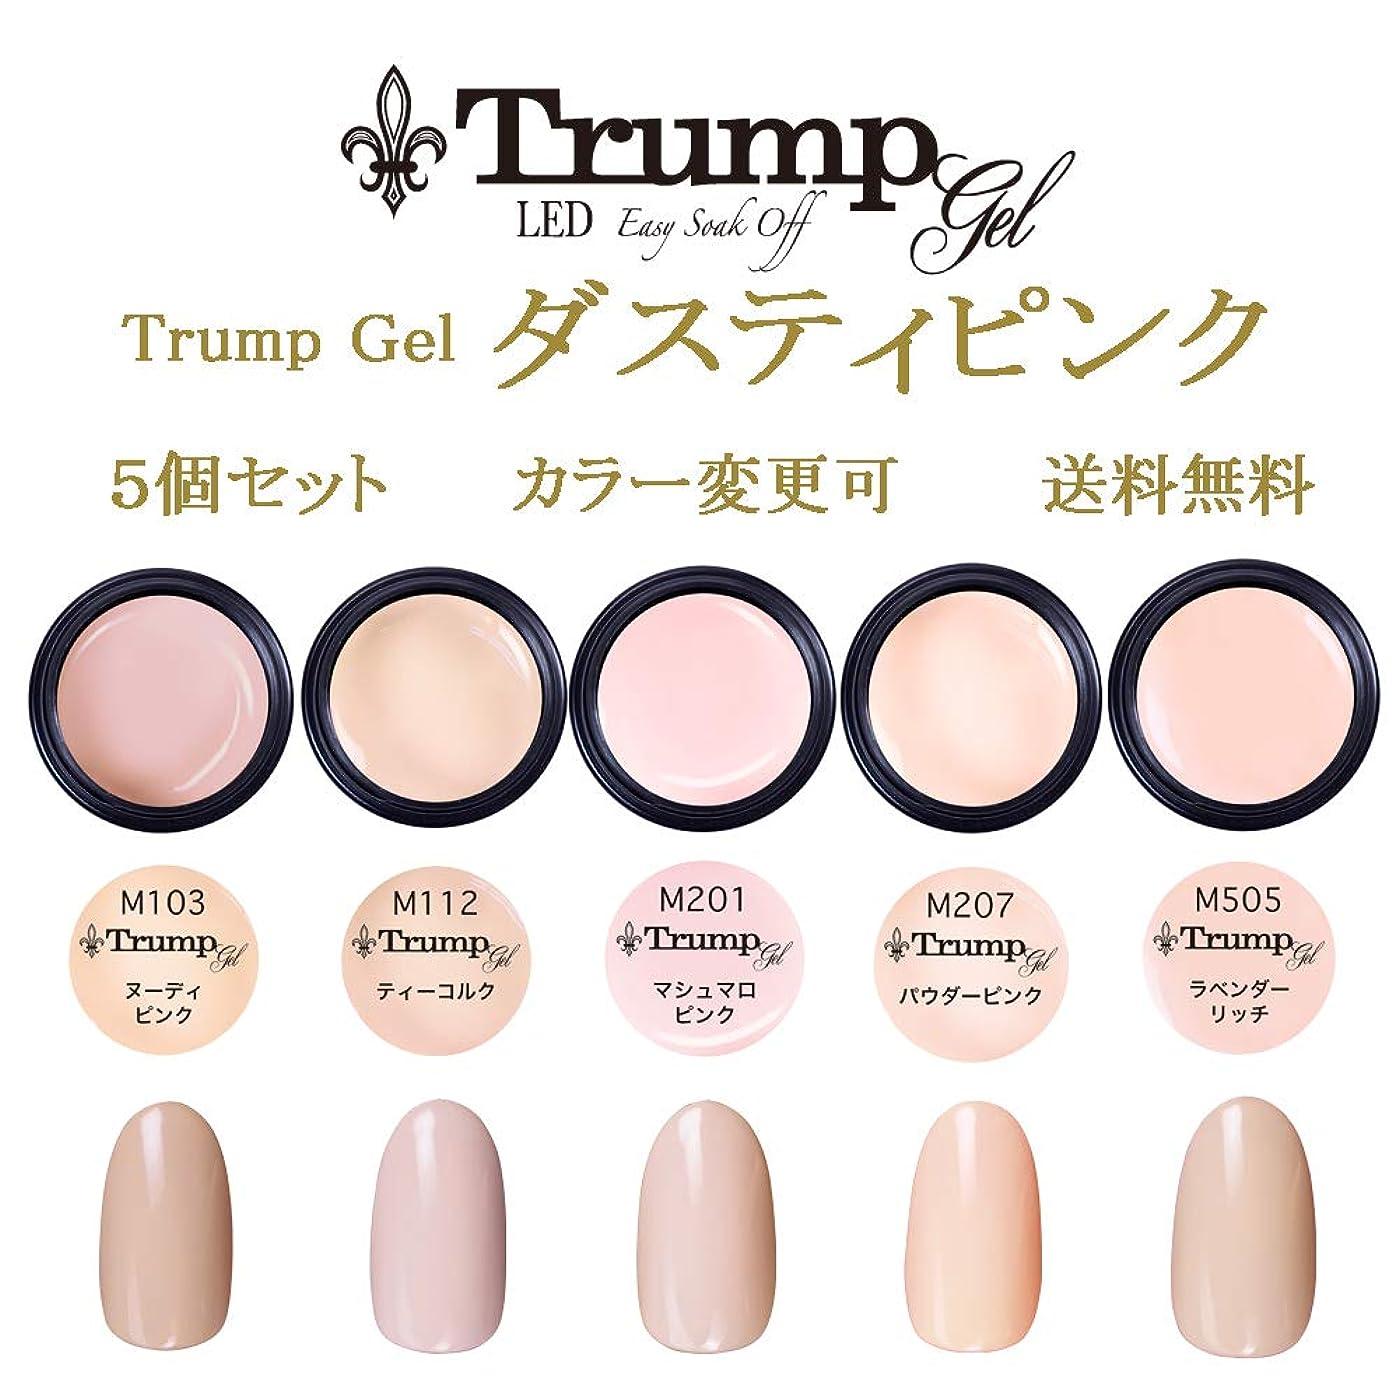 原稿省略する注釈を付ける【送料無料】Trumpダスティピンクカラー選べる カラージェル5個セット